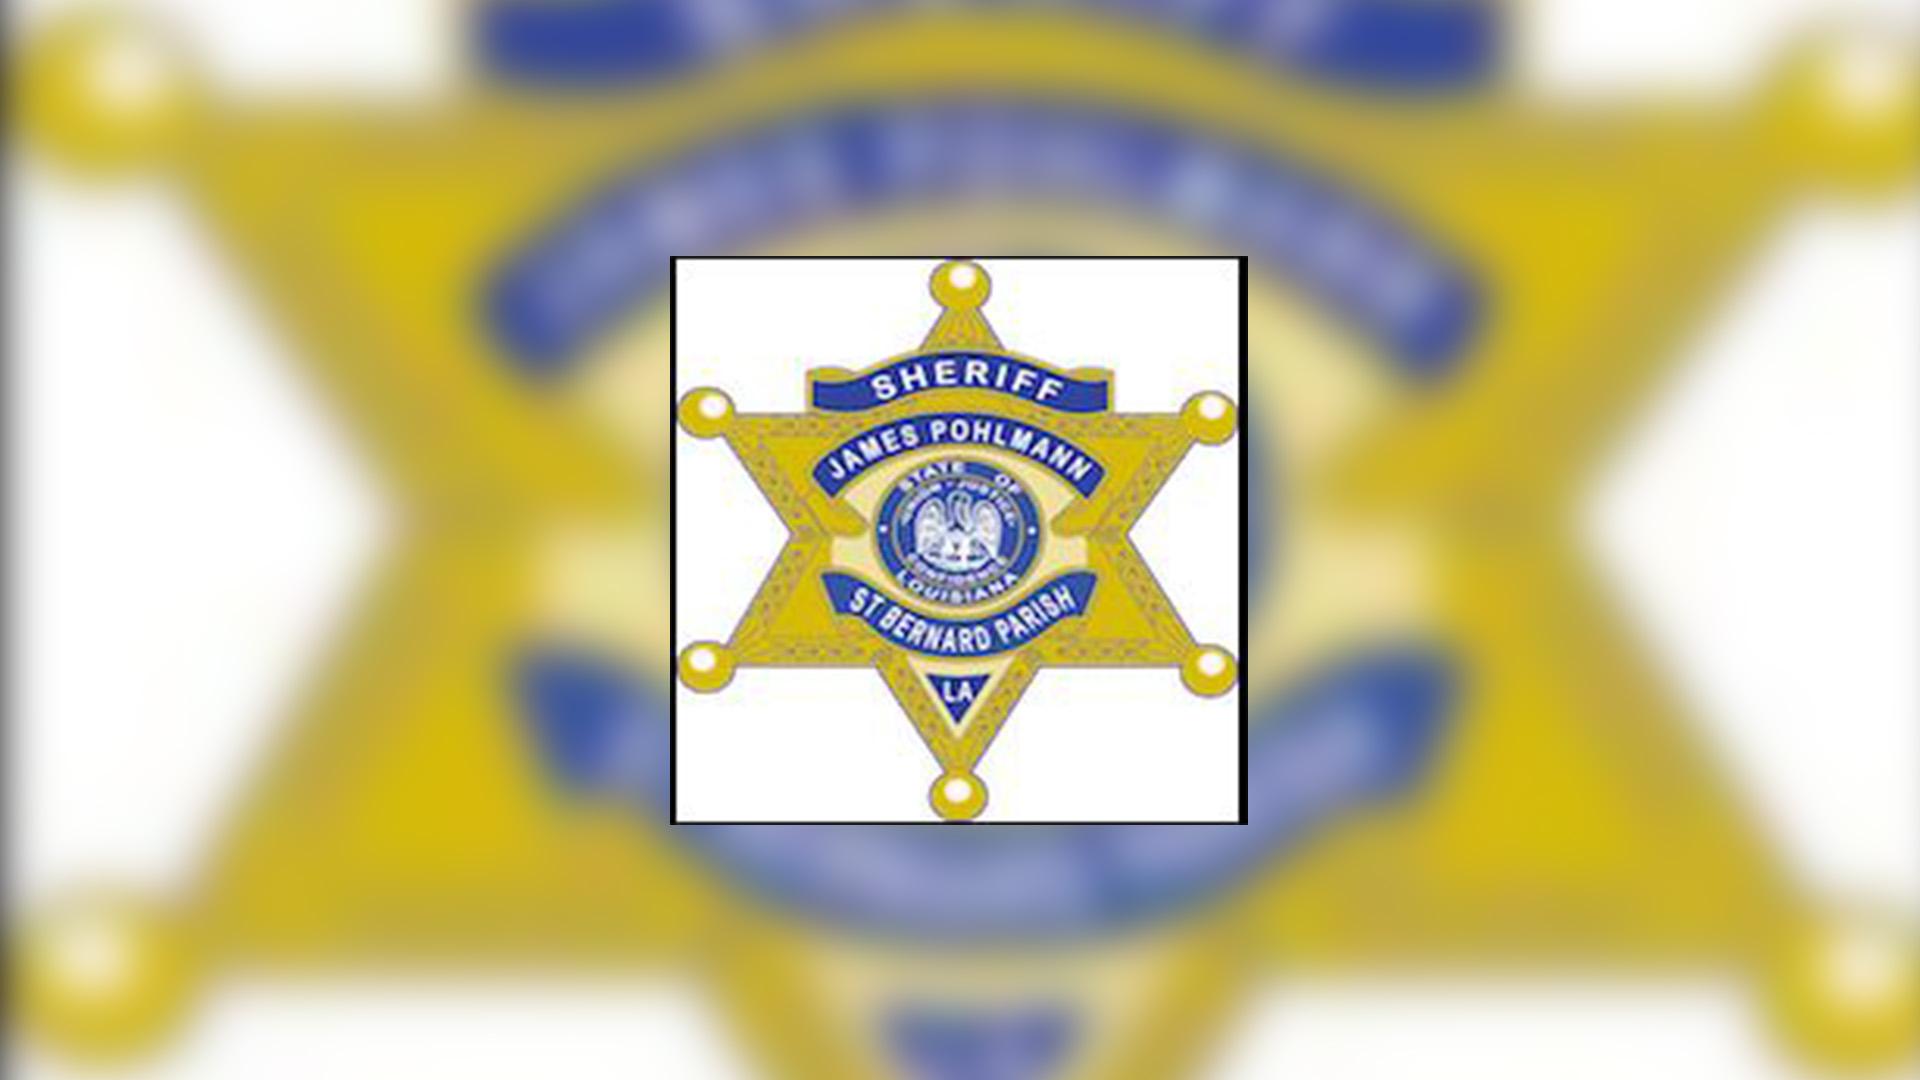 St Bernard Parish Sheriff's_1560272883925.JPG.jpg